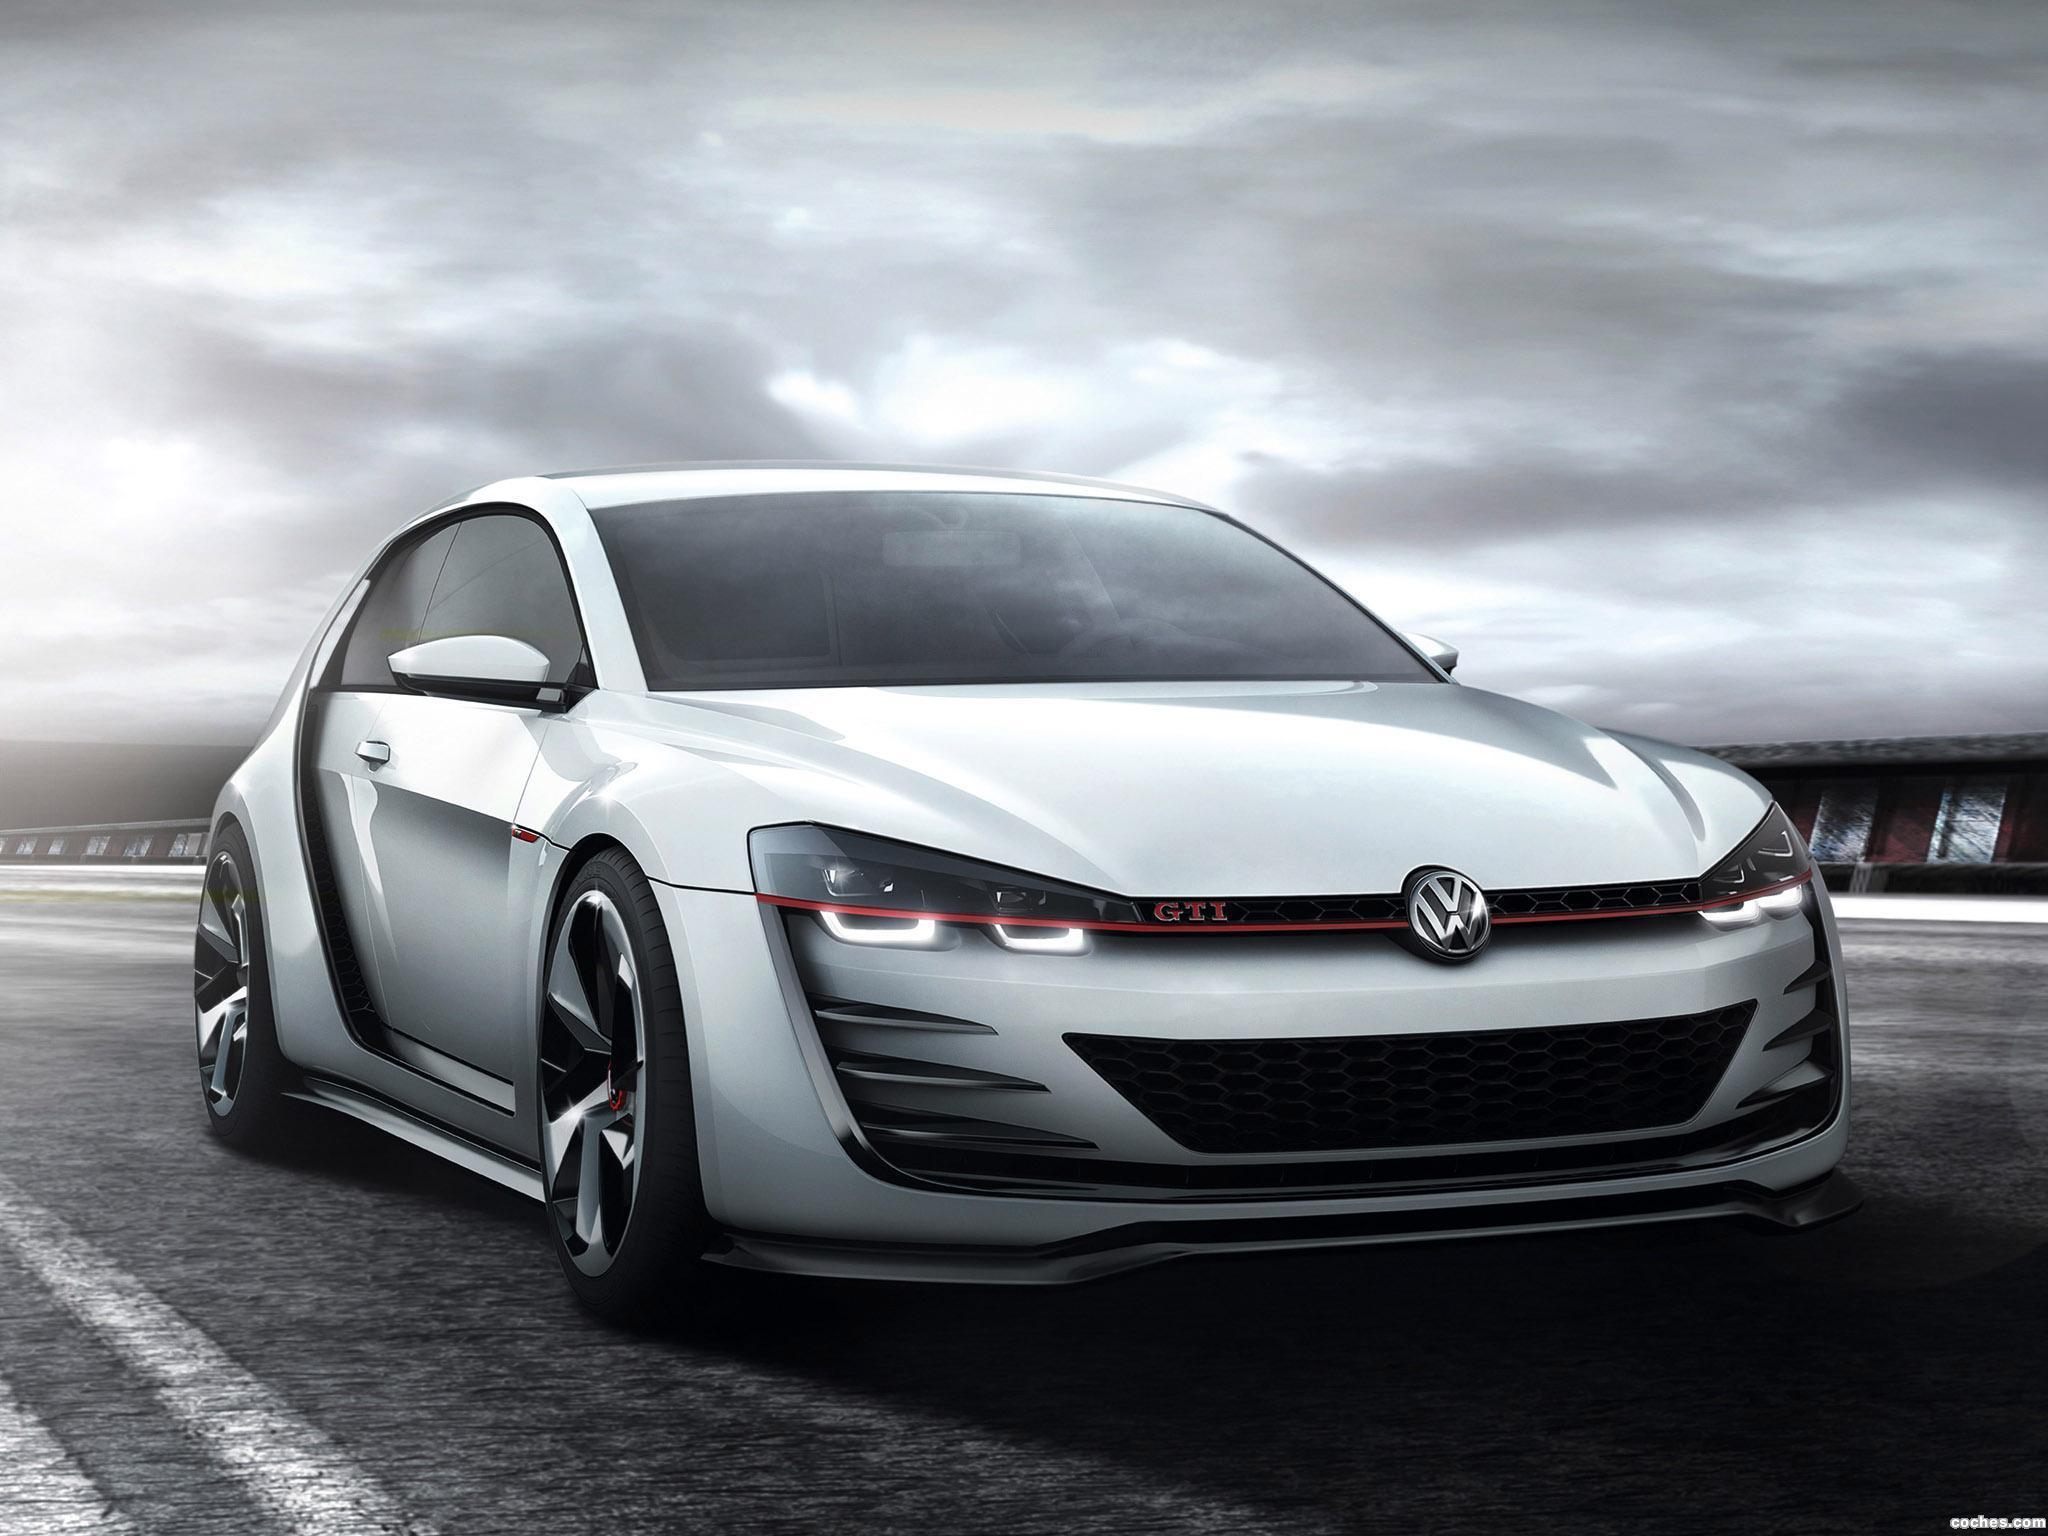 Foto 0 de Volkswagen Design Vision GTI Concept 2013